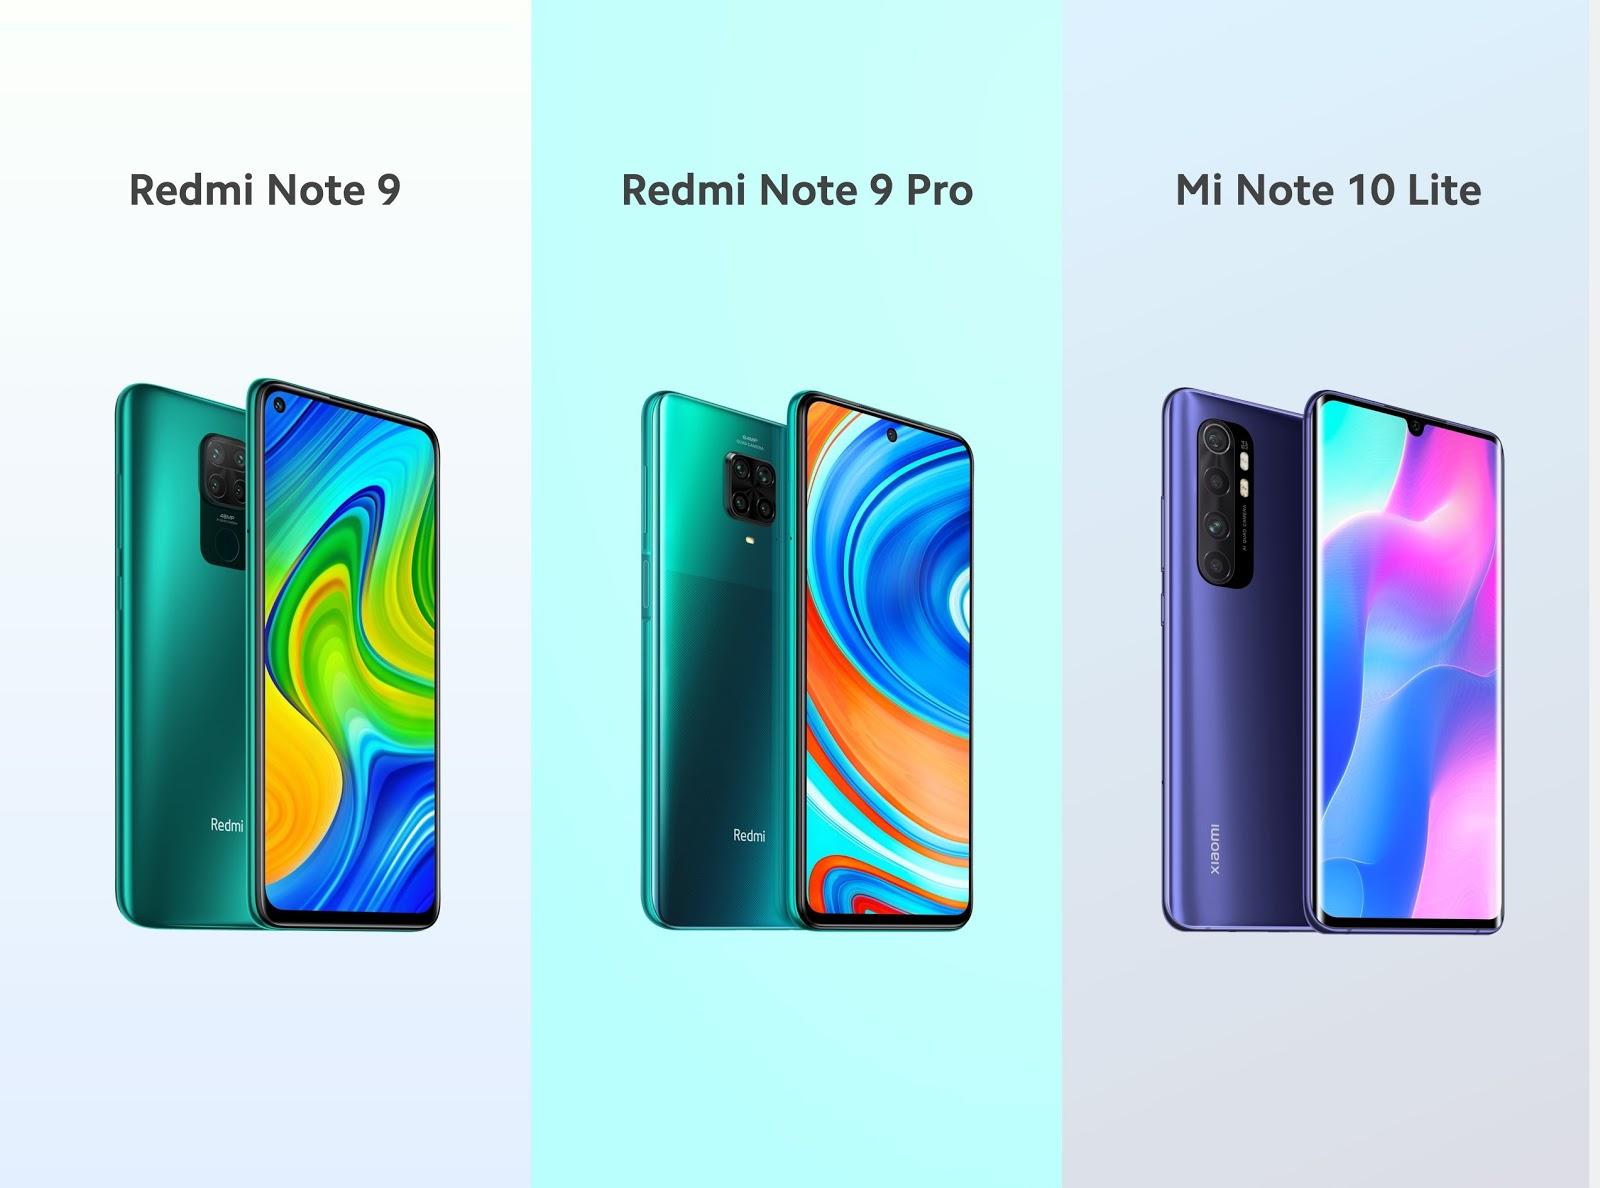 สานต่อตำนาน: เสียวหมี่เปิดตัว Redmi Note 9 Pro และ Redmi Note 9 ร่วมด้วย Mi Note 10 Lite